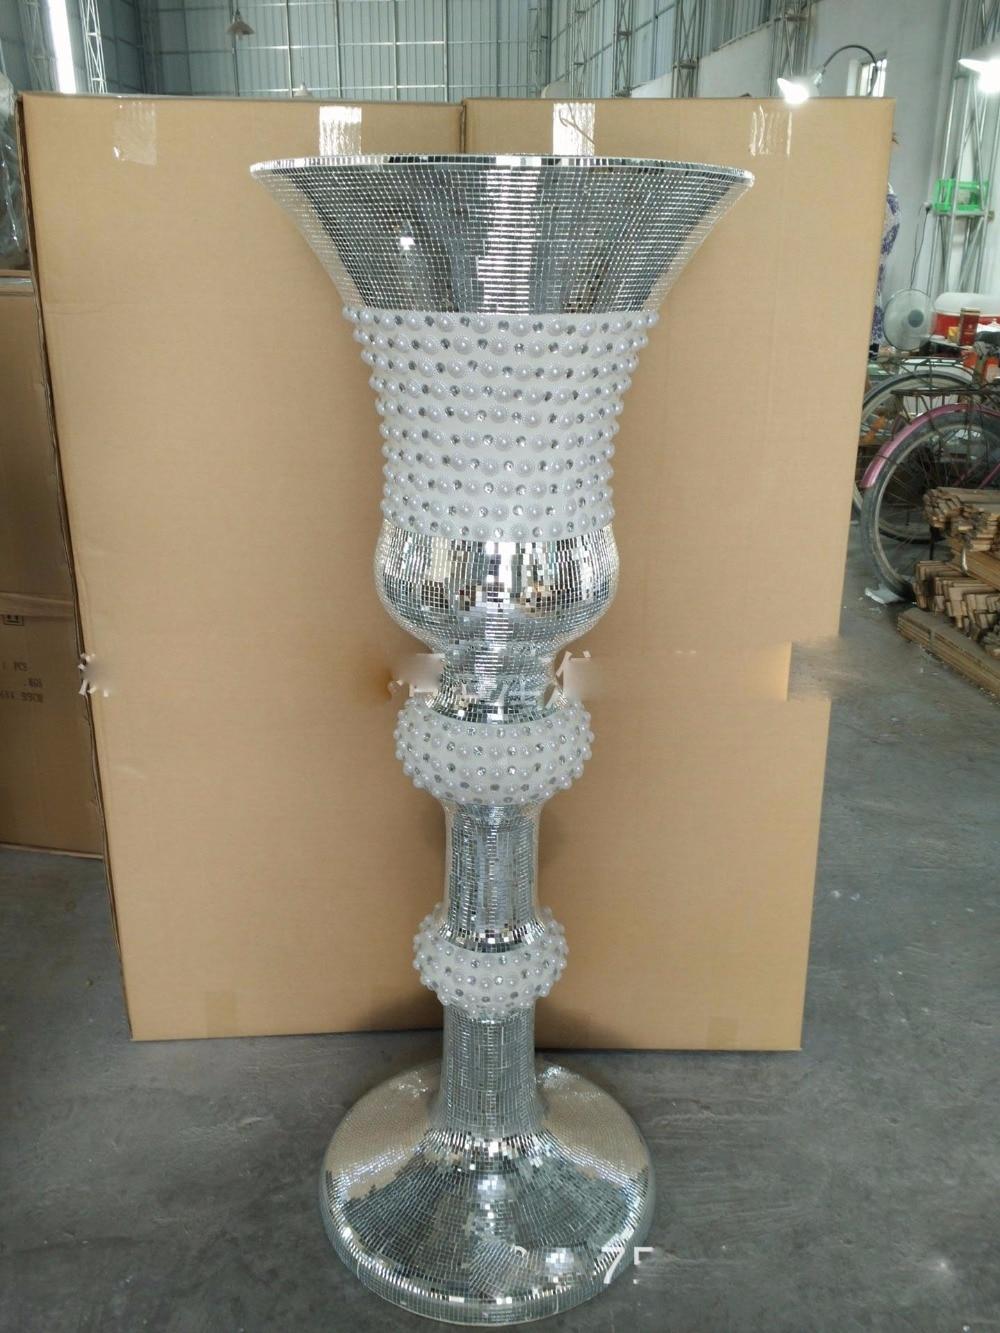 Novelty Set Auger Floor Vase Of The Living Room Hotel KTV Decorative Big  Size Vase(